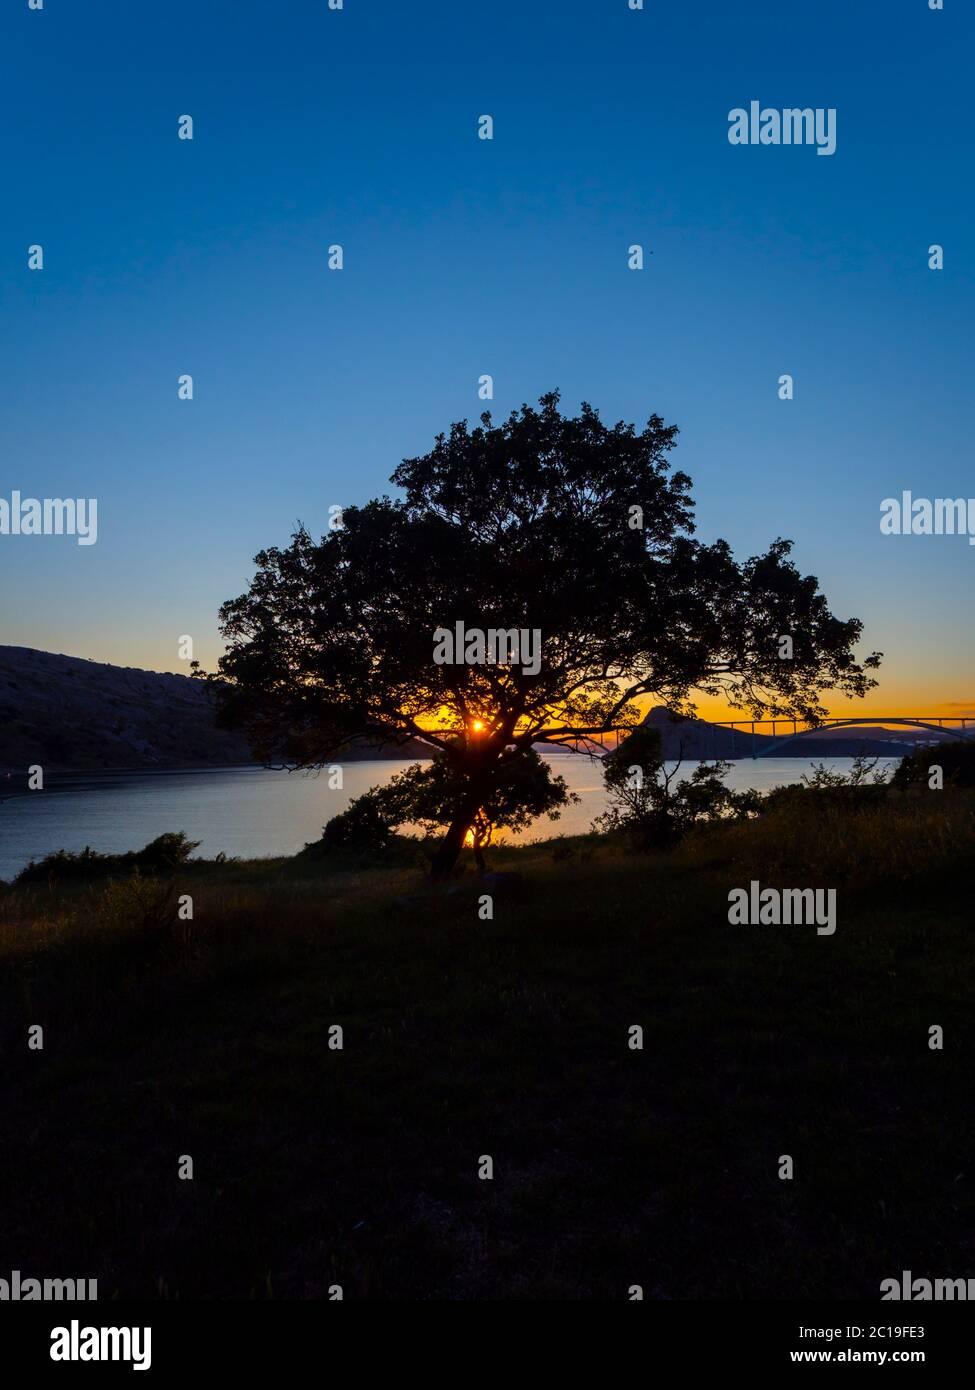 Coucher de soleil pont paysage continent à l'île Krk Croatie voir la vue à travers l'arbre dominant Banque D'Images